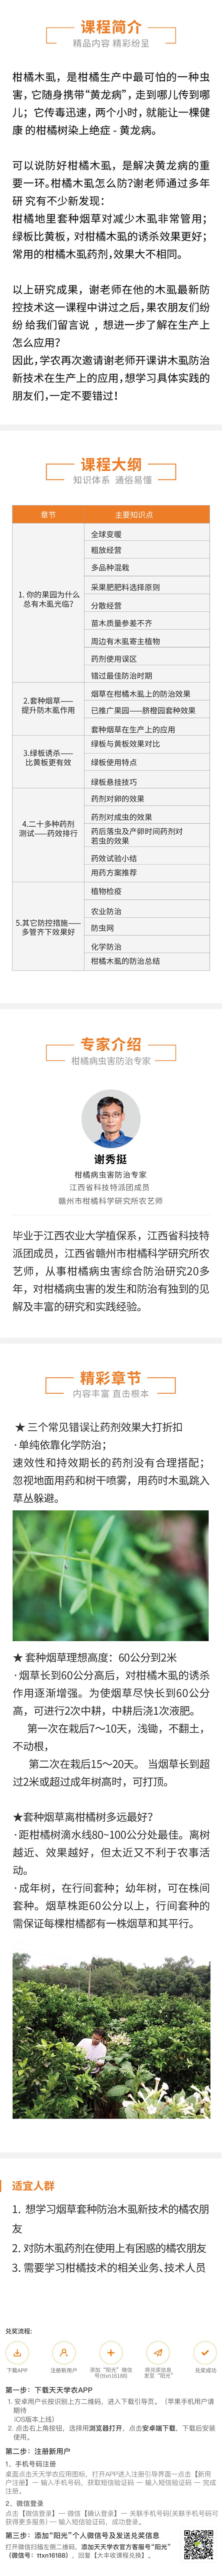 柑橘木虱防治新技术的应用_看图王.jpg